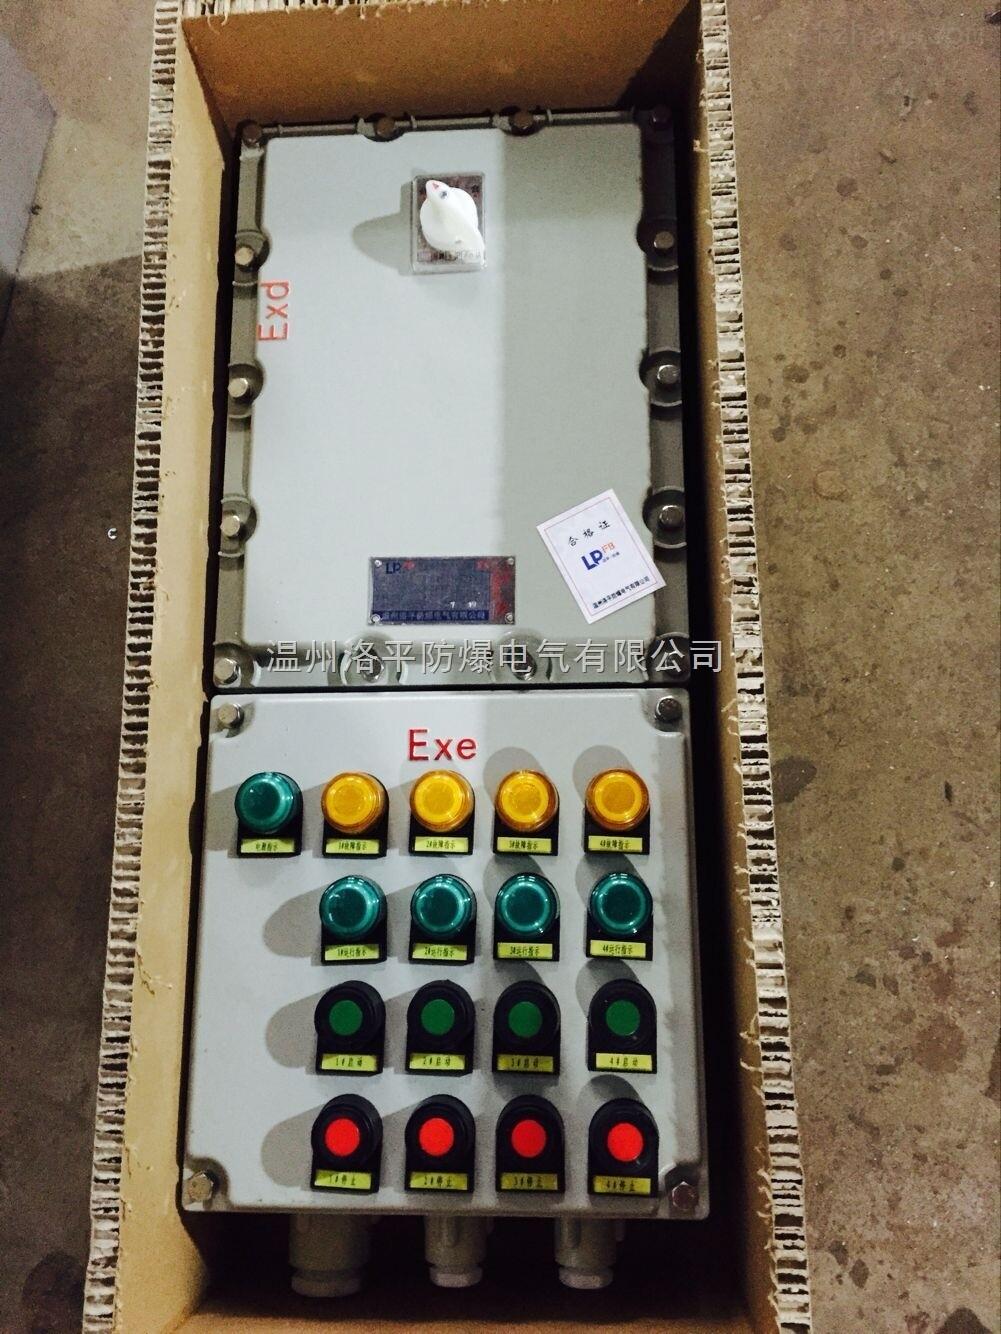 产品特性 产品外壳为钢板焊接或铸铝合金壳体,表面高压静电喷塑; 内装ABB或施耐德等公司生产的固态软起动器,软起动器采用逐步升压的方法,实现平滑起动,5KW以上的防爆软起动器设有半导体制冷装置,并具有测温装置,保持机器恒温; 可根据负载特性选用常规起动和重载起动,起动参数可自行设定; 钢管或电缆布线均可; 执行标准:GB 3836.